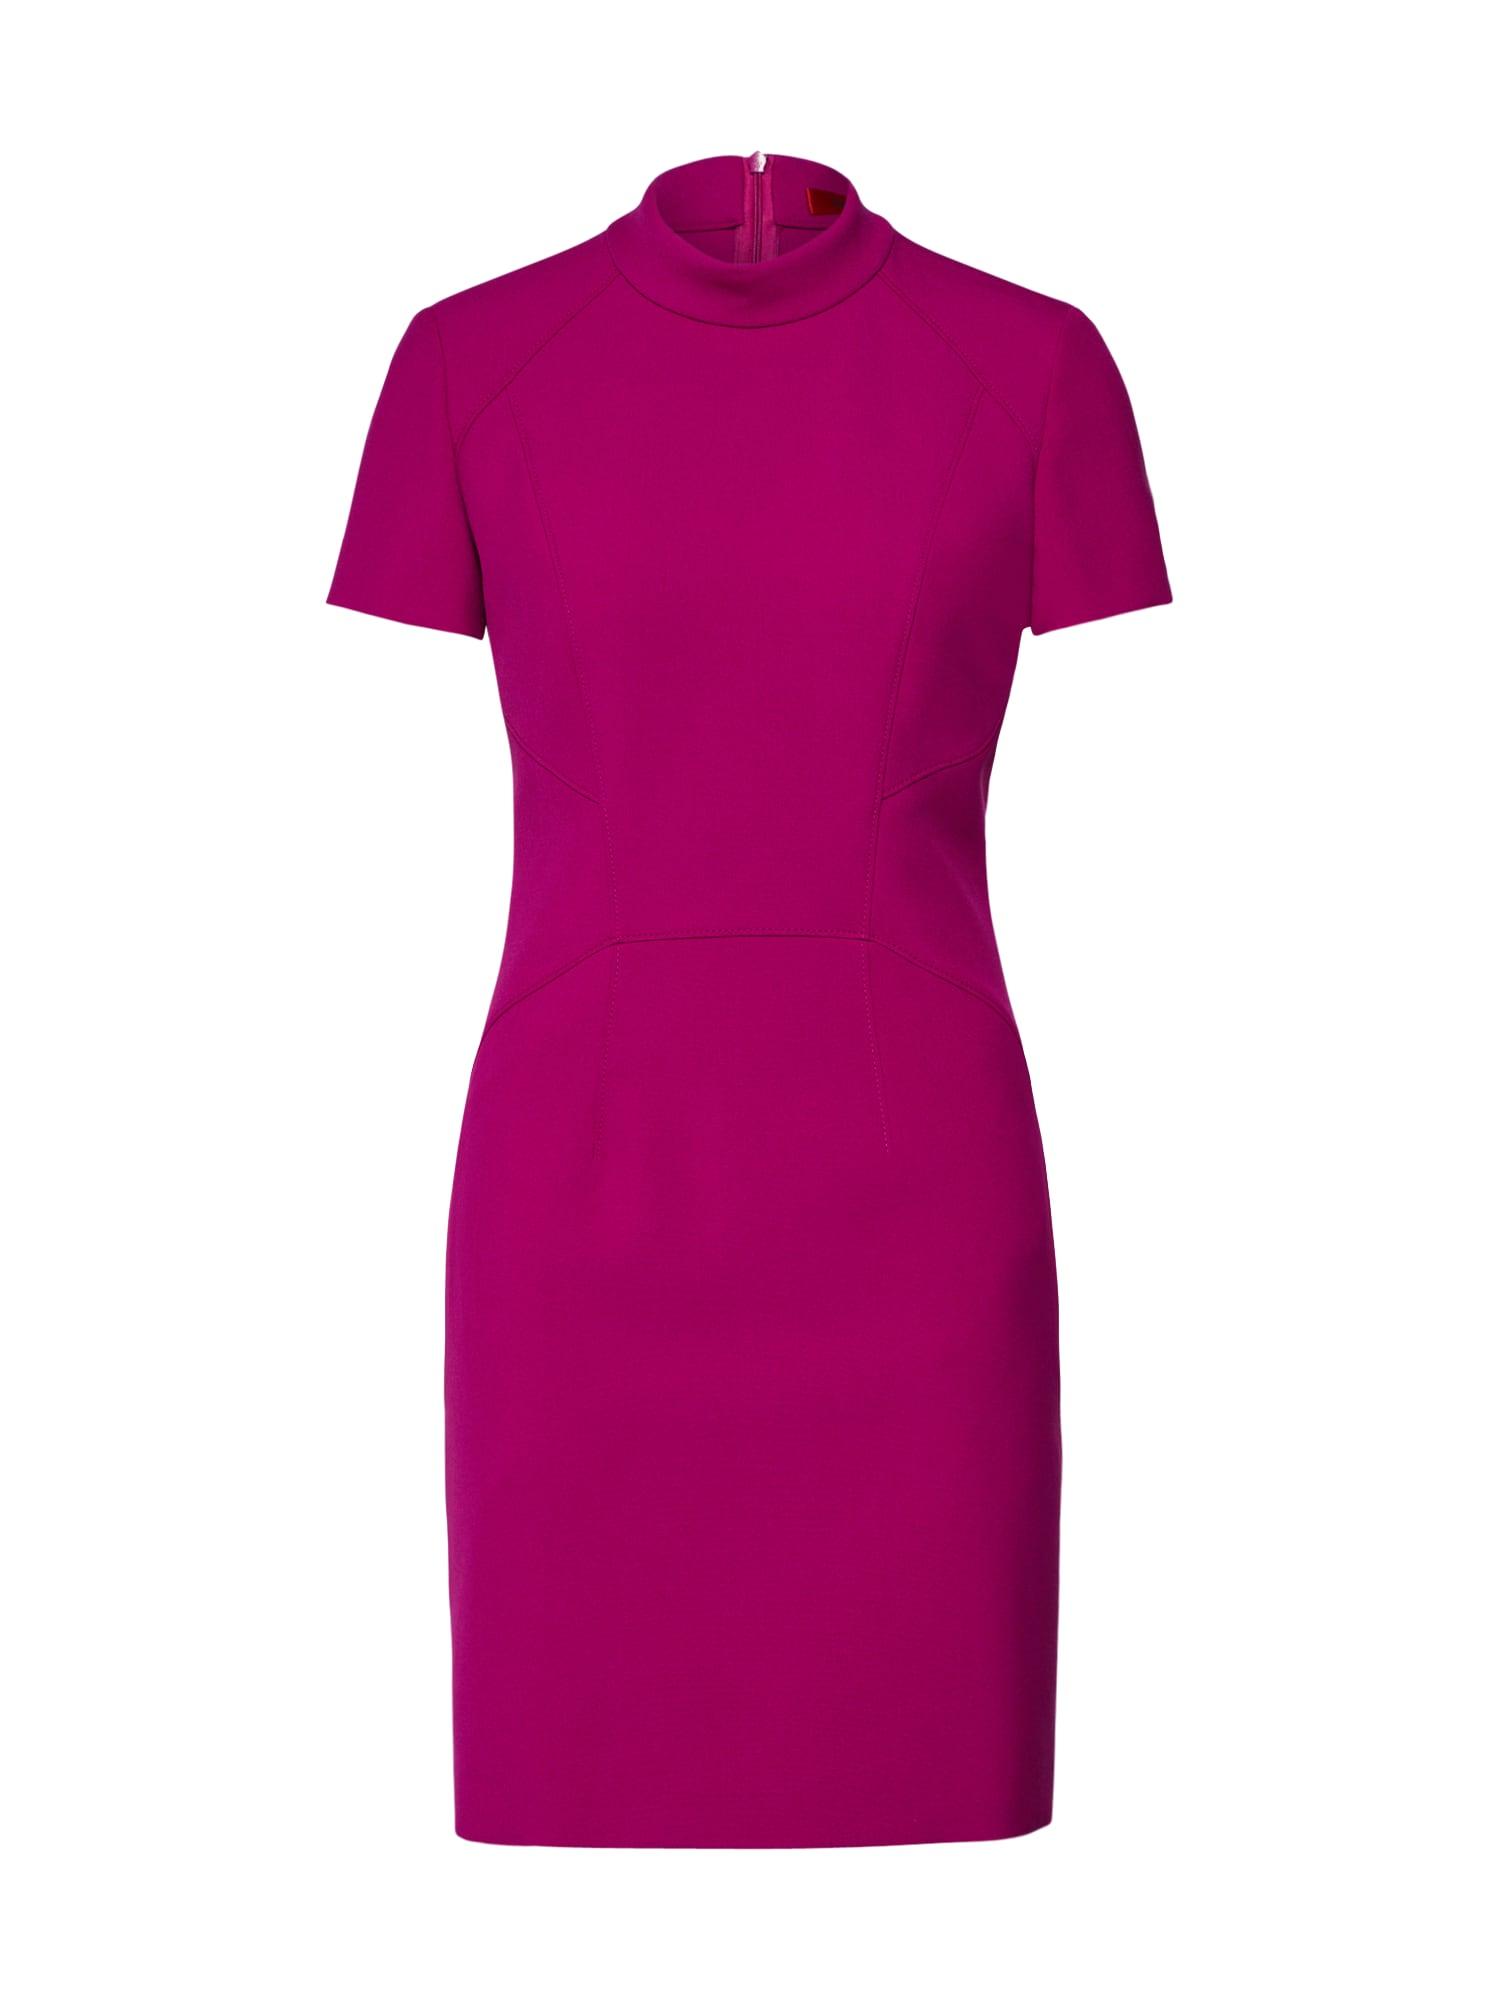 Šaty Kabecci fialová HUGO